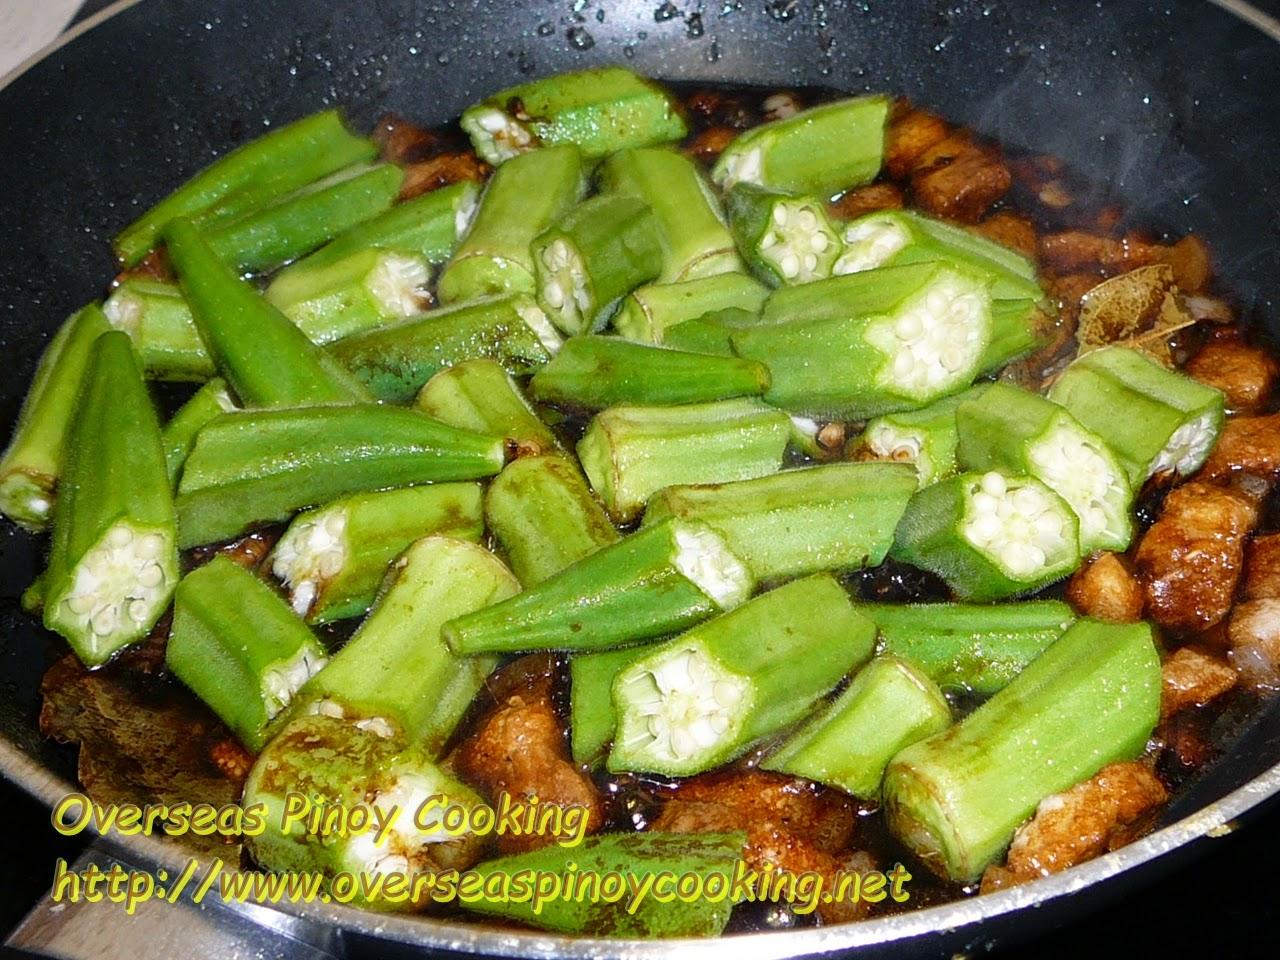 Adobong Okra - Cooking Procedure